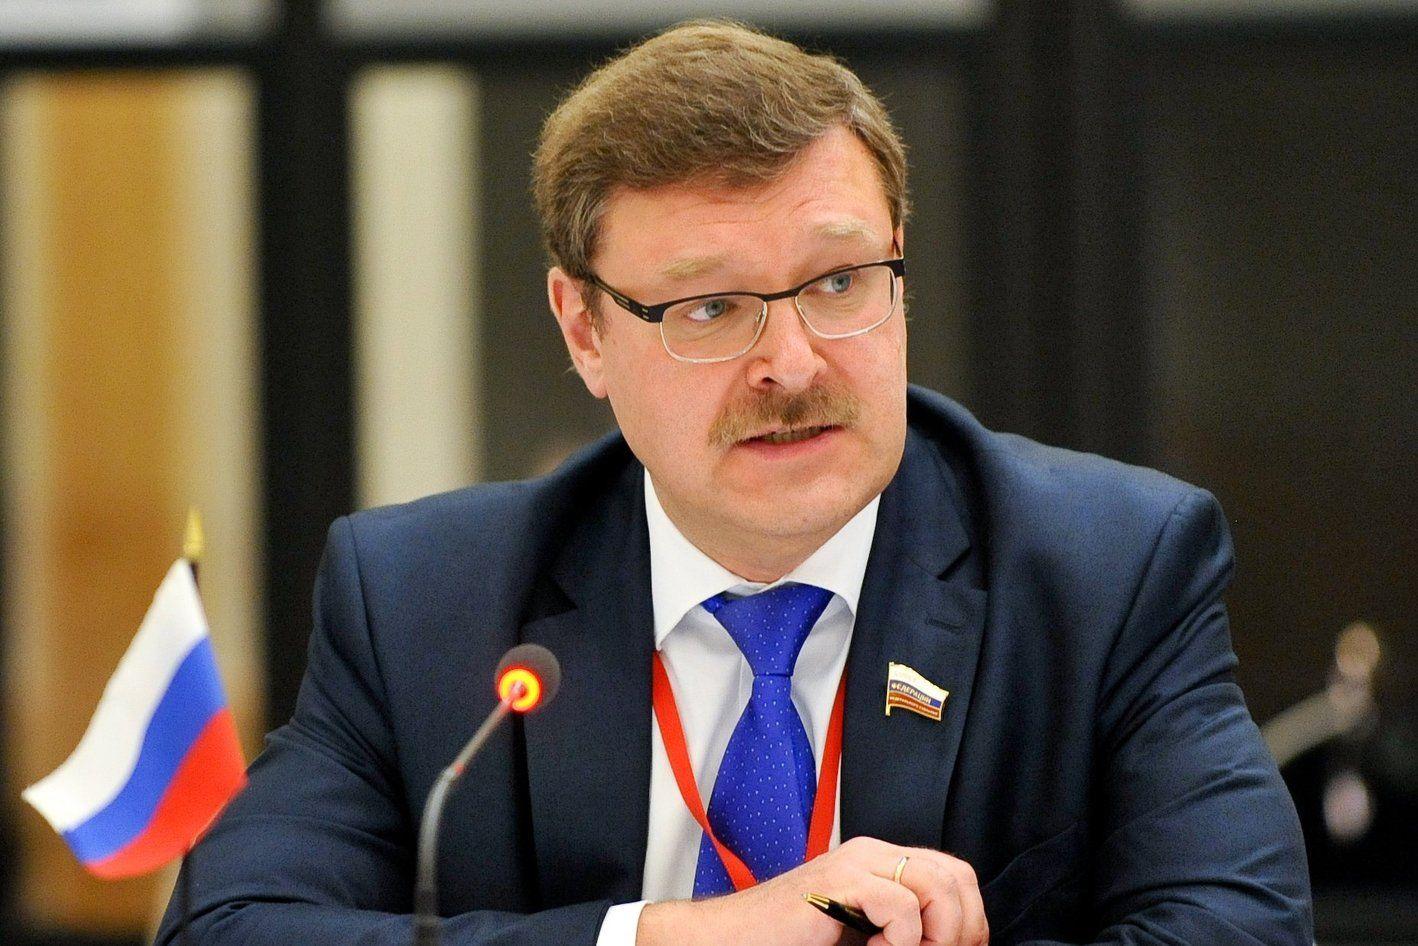 На открытие памятного мемориала в Харькове не пустили сенатора Совфеда - | Диалог.UA